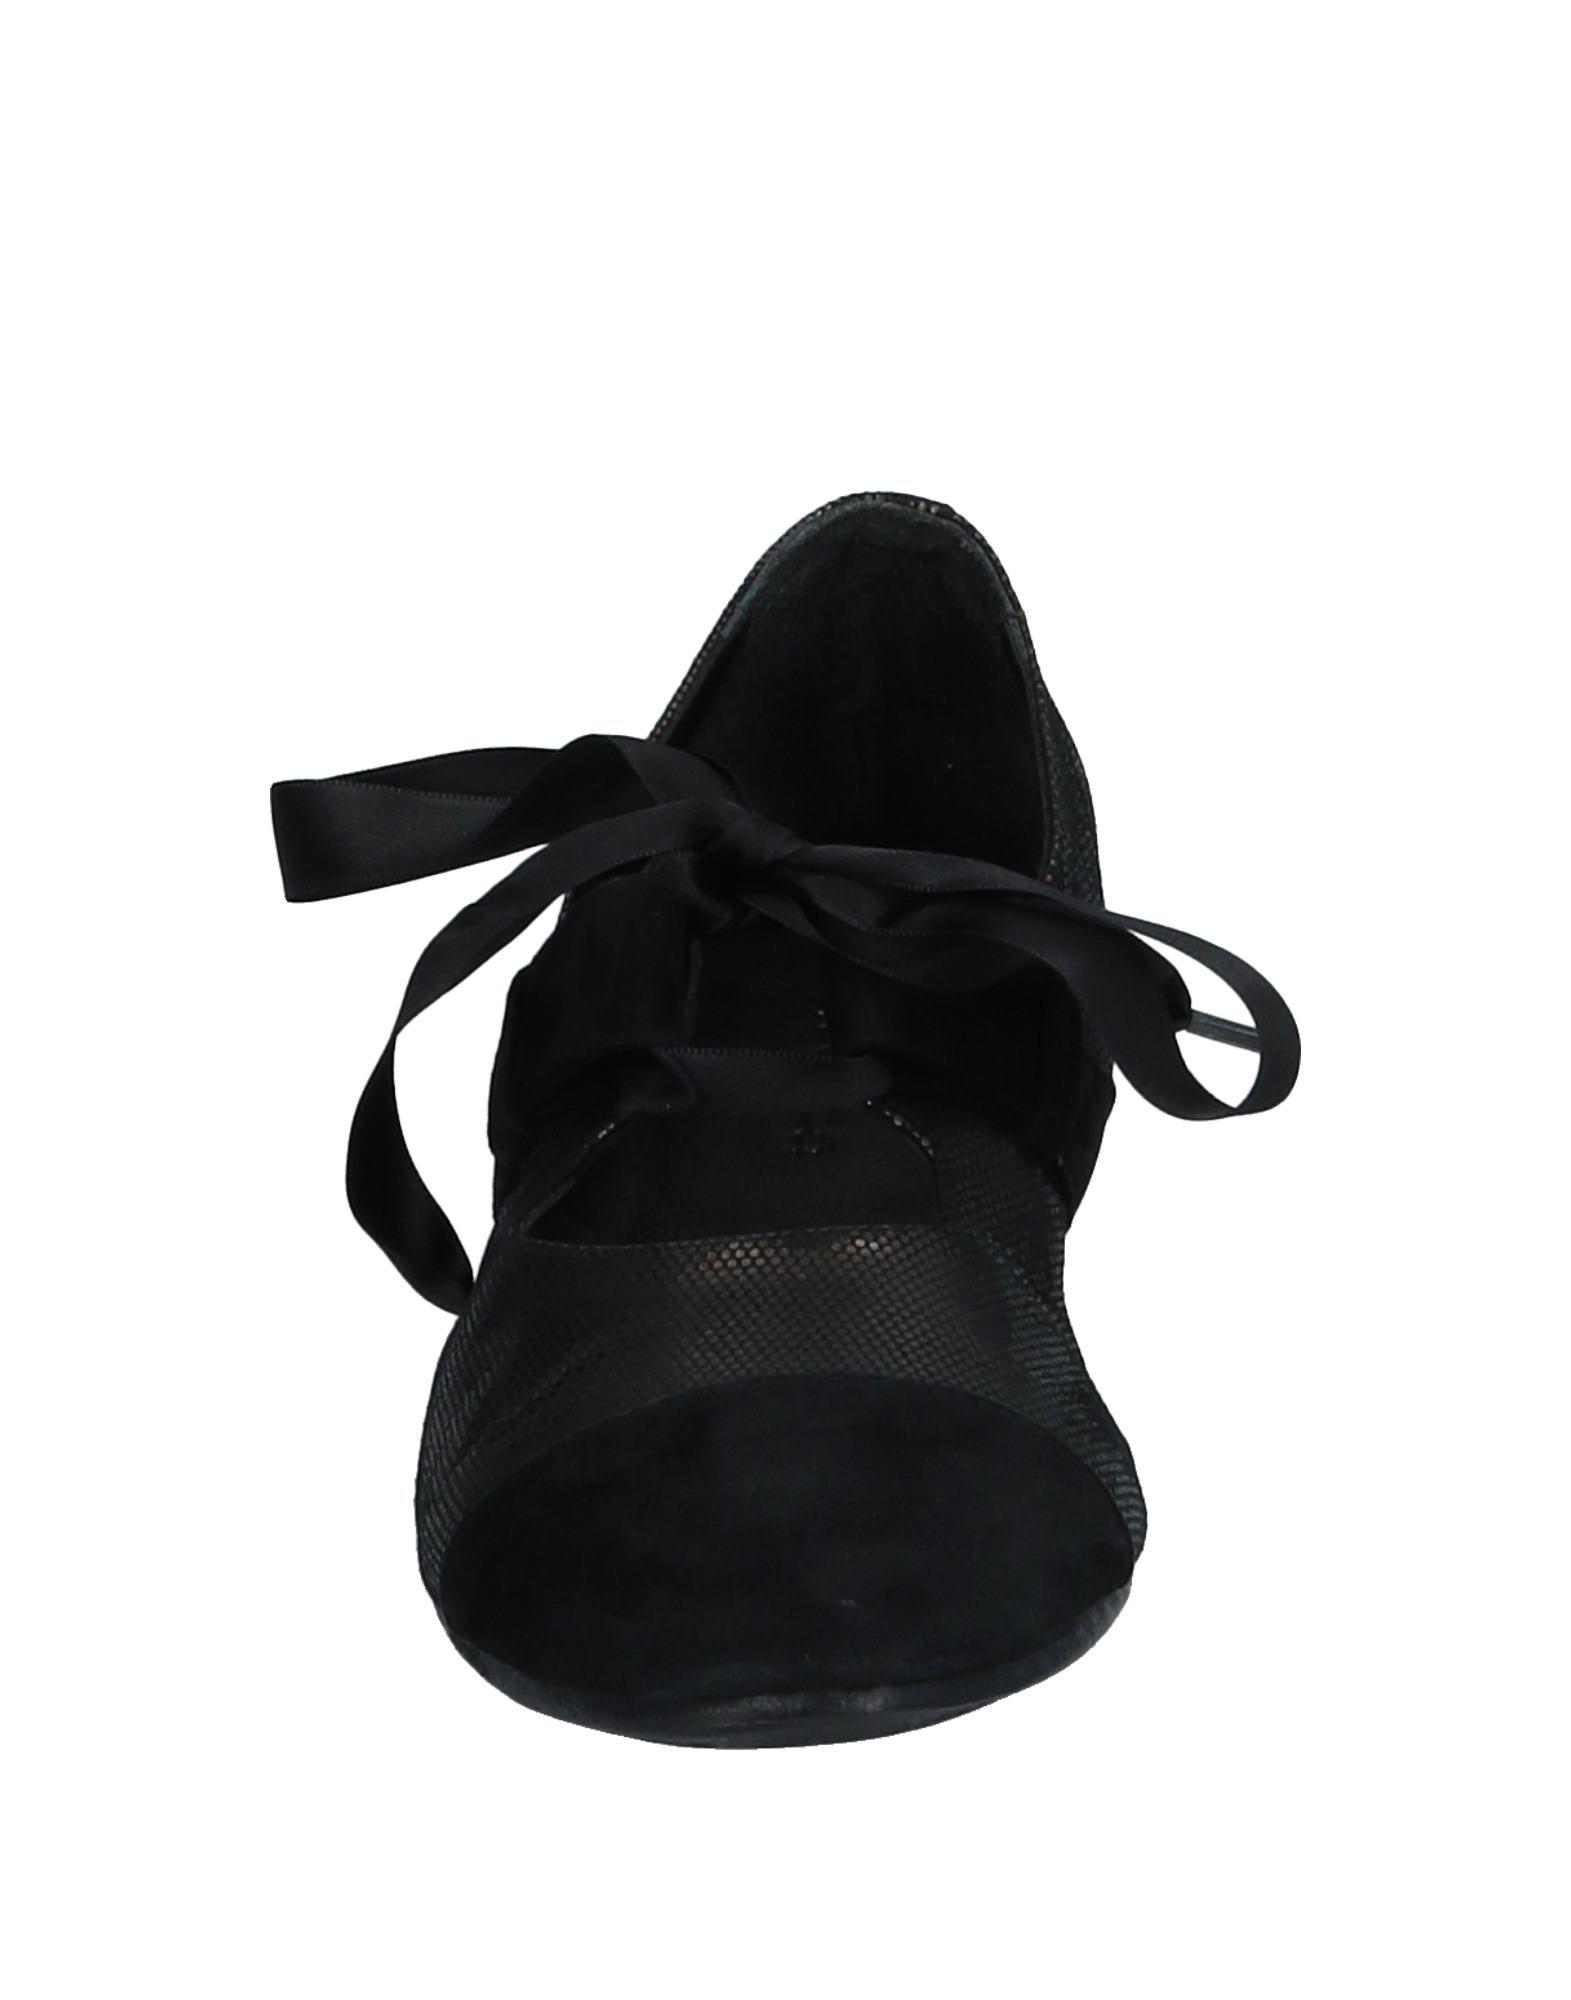 Gut um Ballerinas billige Schuhe zu tragenKudetà Ballerinas um Damen  11539938VX 81ca04